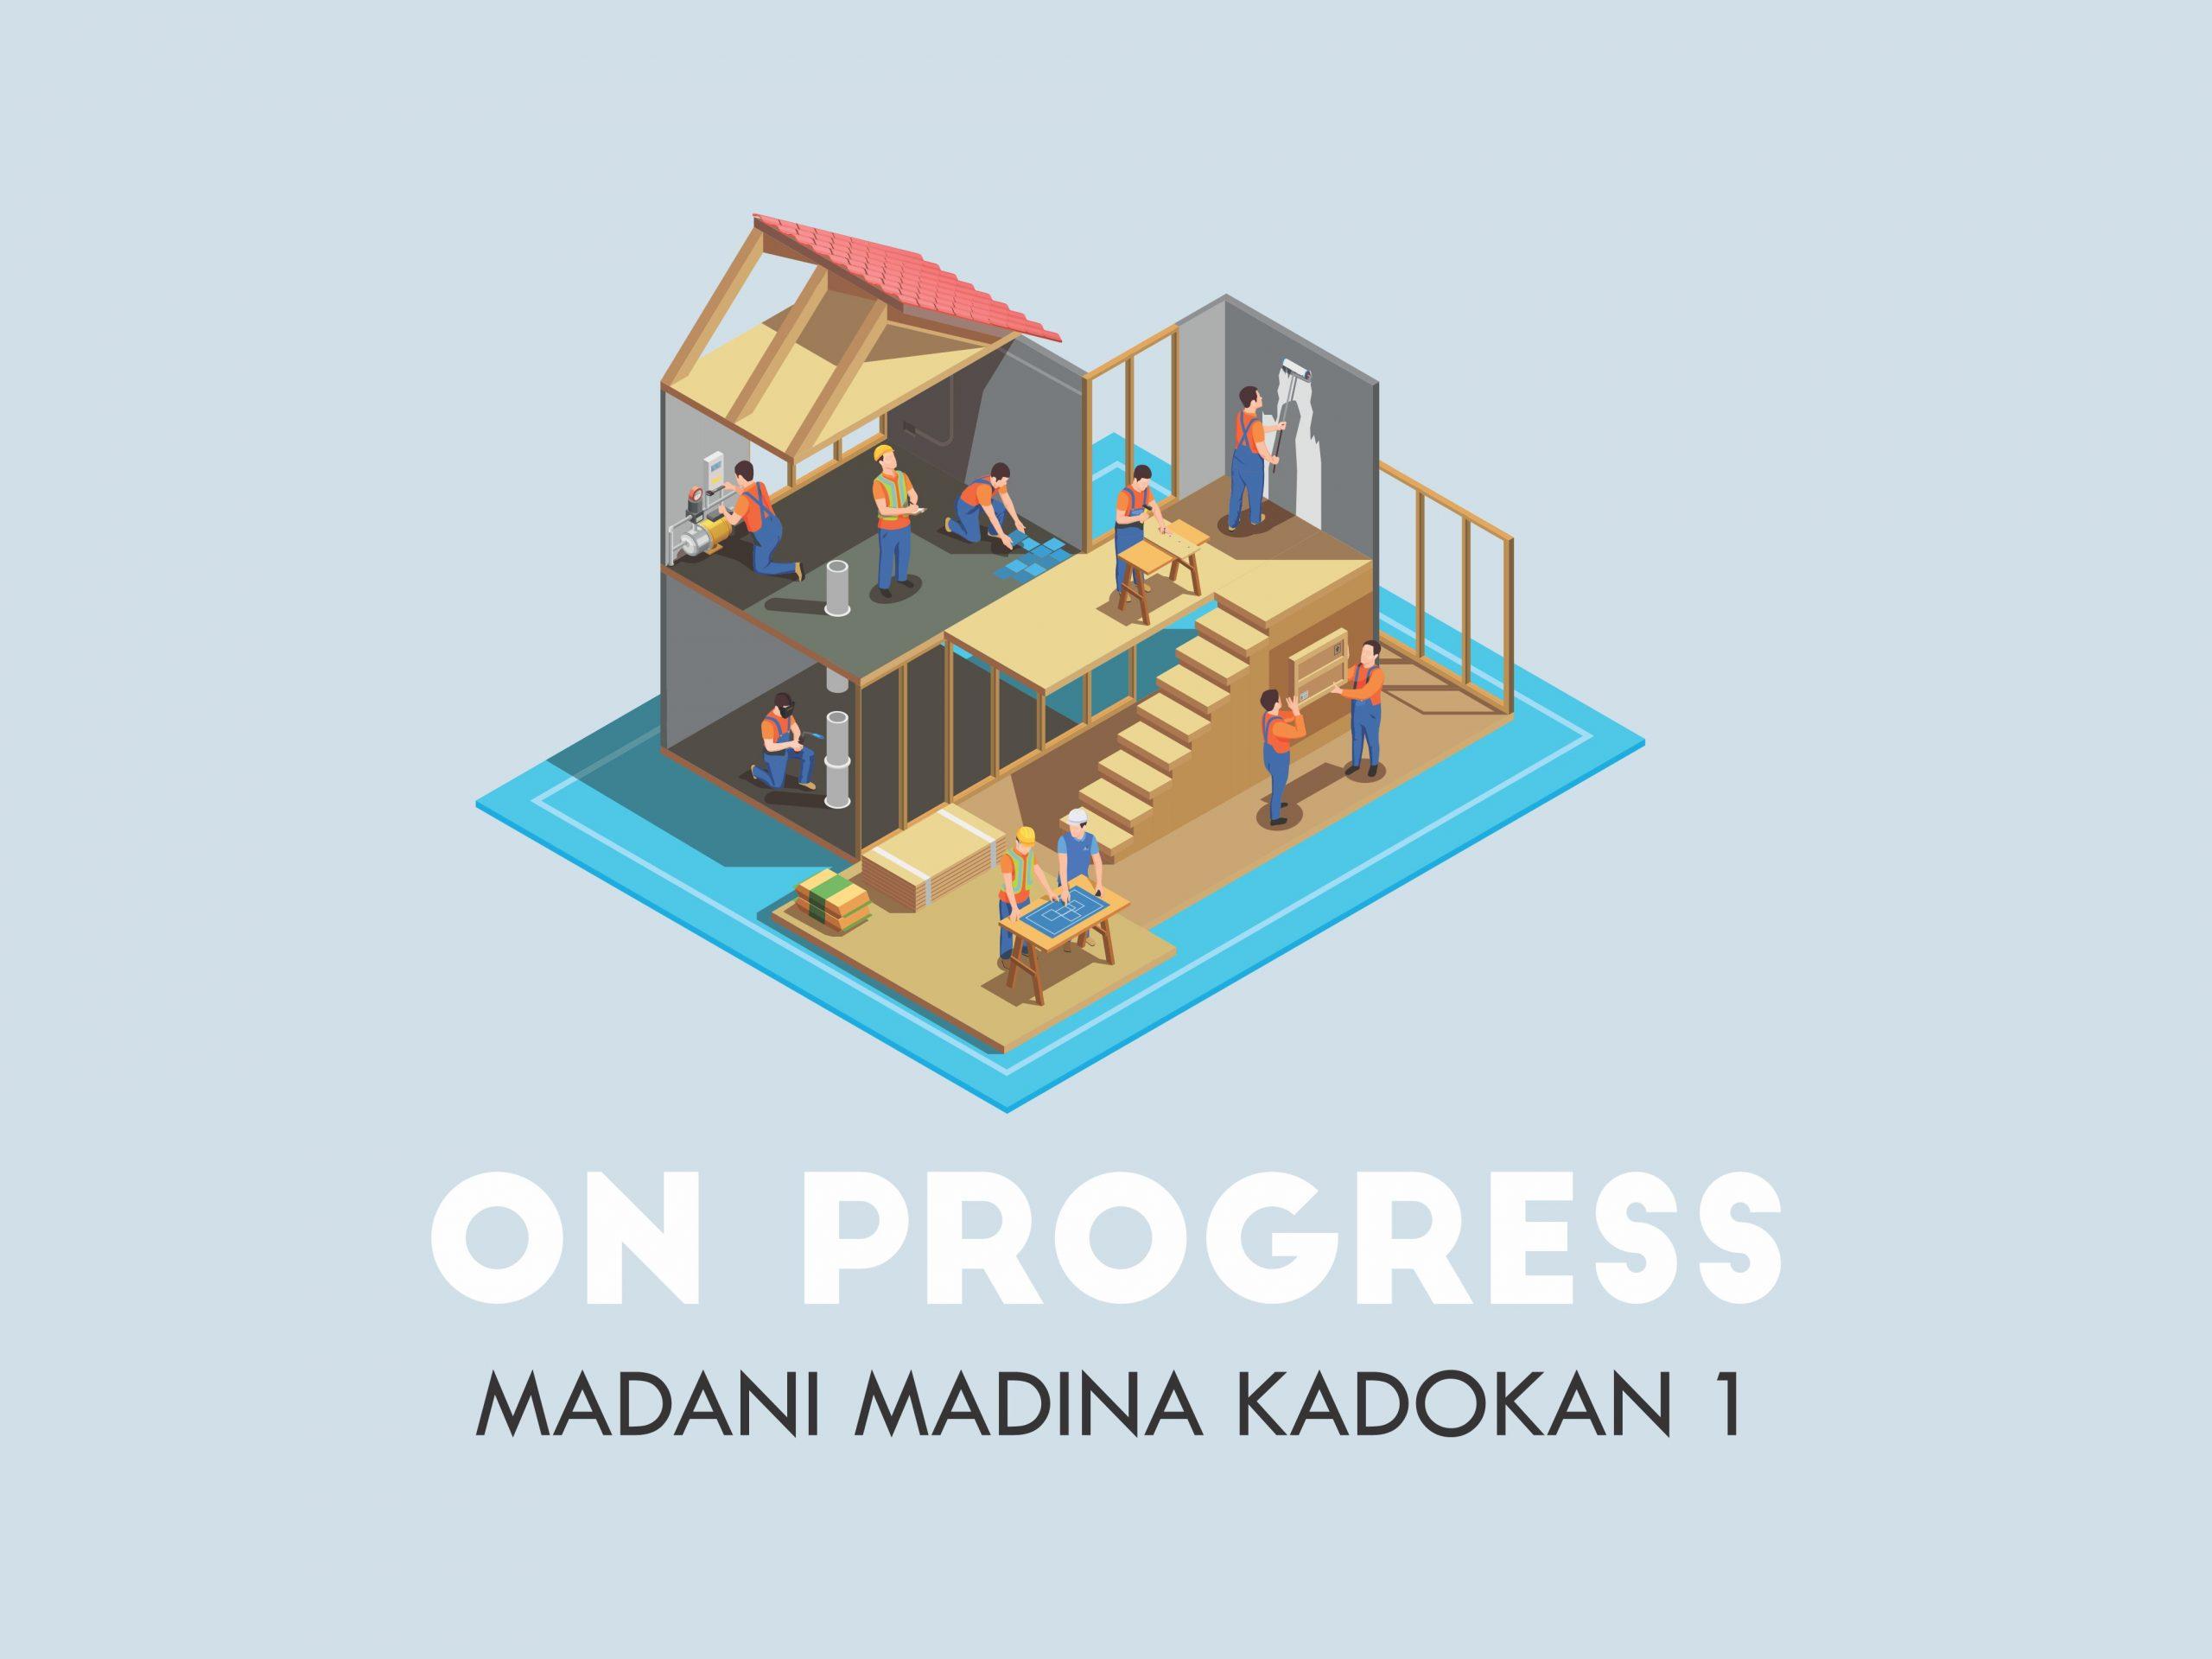 Madani Madina Kadokan 1 <br>Kadokan